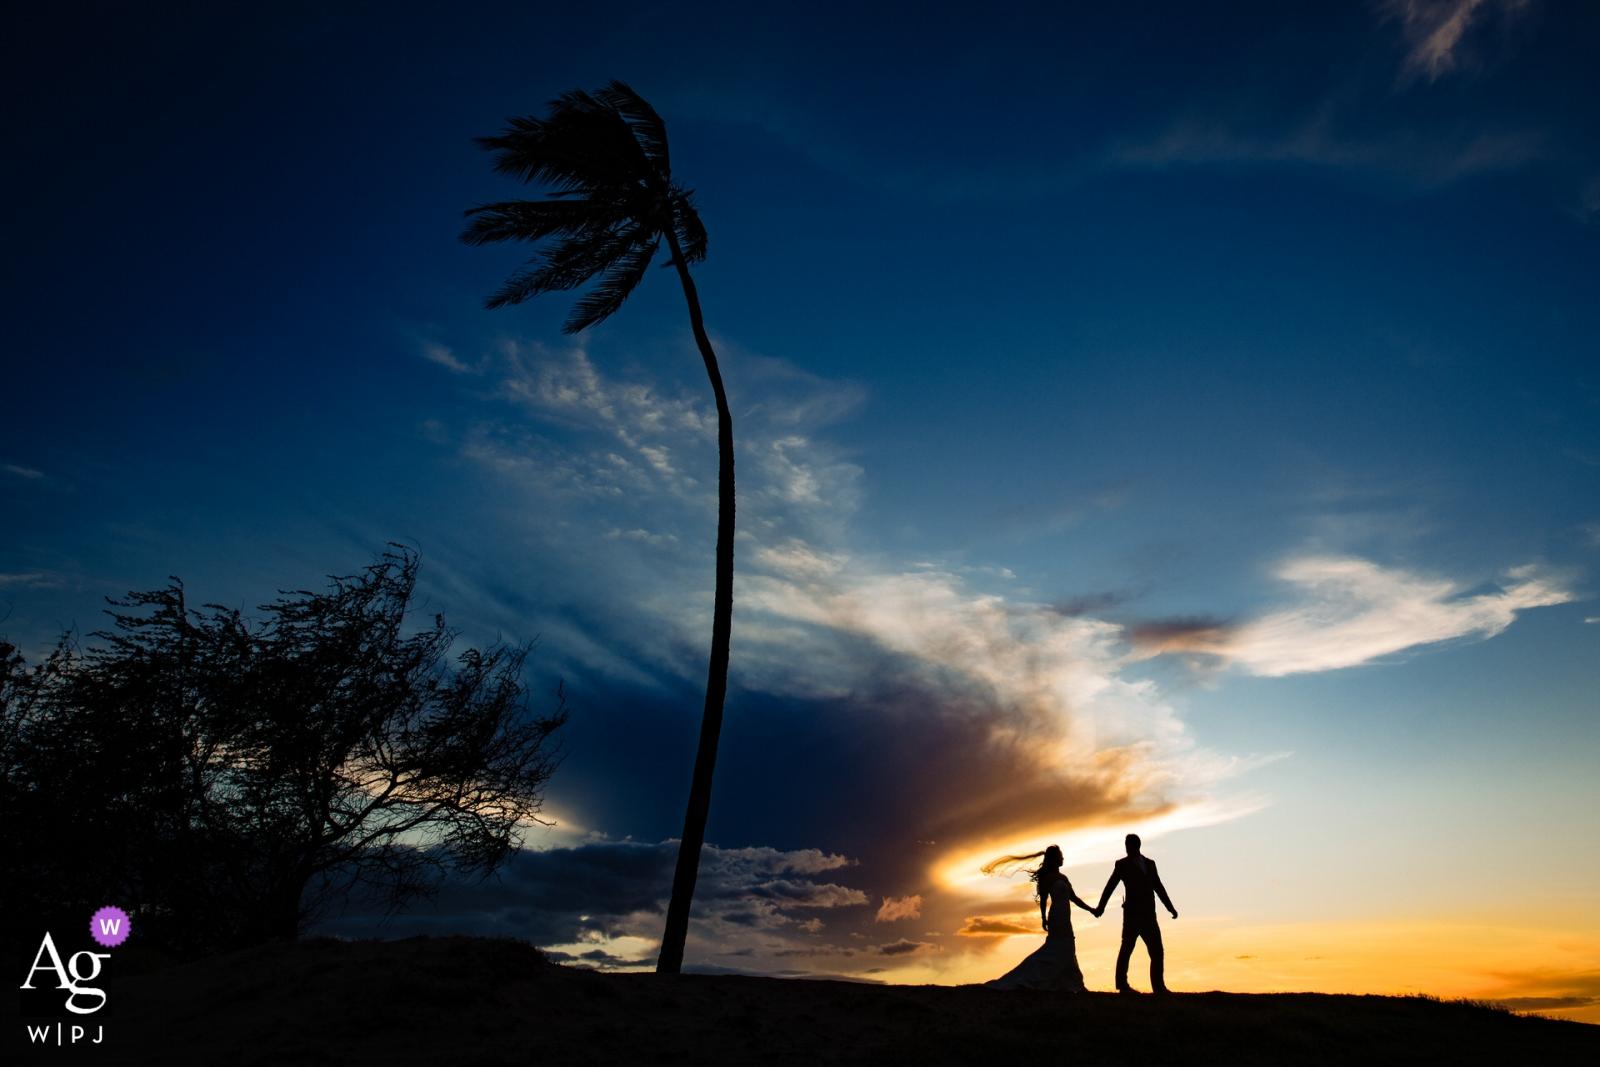 Am Strand von Kihei, Maui, Hawaii Hochzeitsfotograf: Wenn Sonnenuntergang und Schleier perfekt aufeinander treffen ...